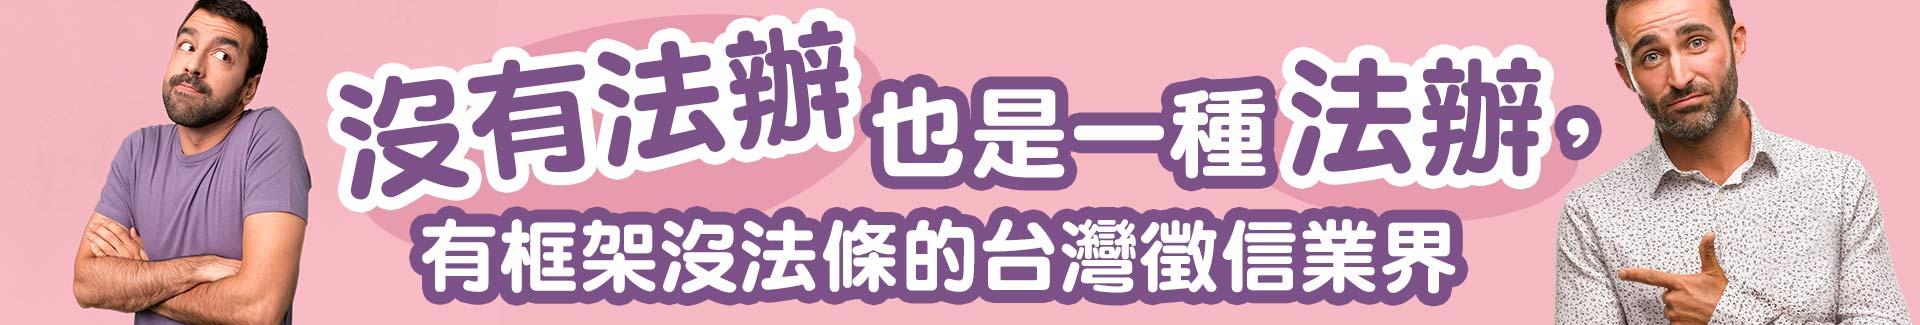 沒有法辦也是一種辦法,有框架沒法條的台灣徵信業界